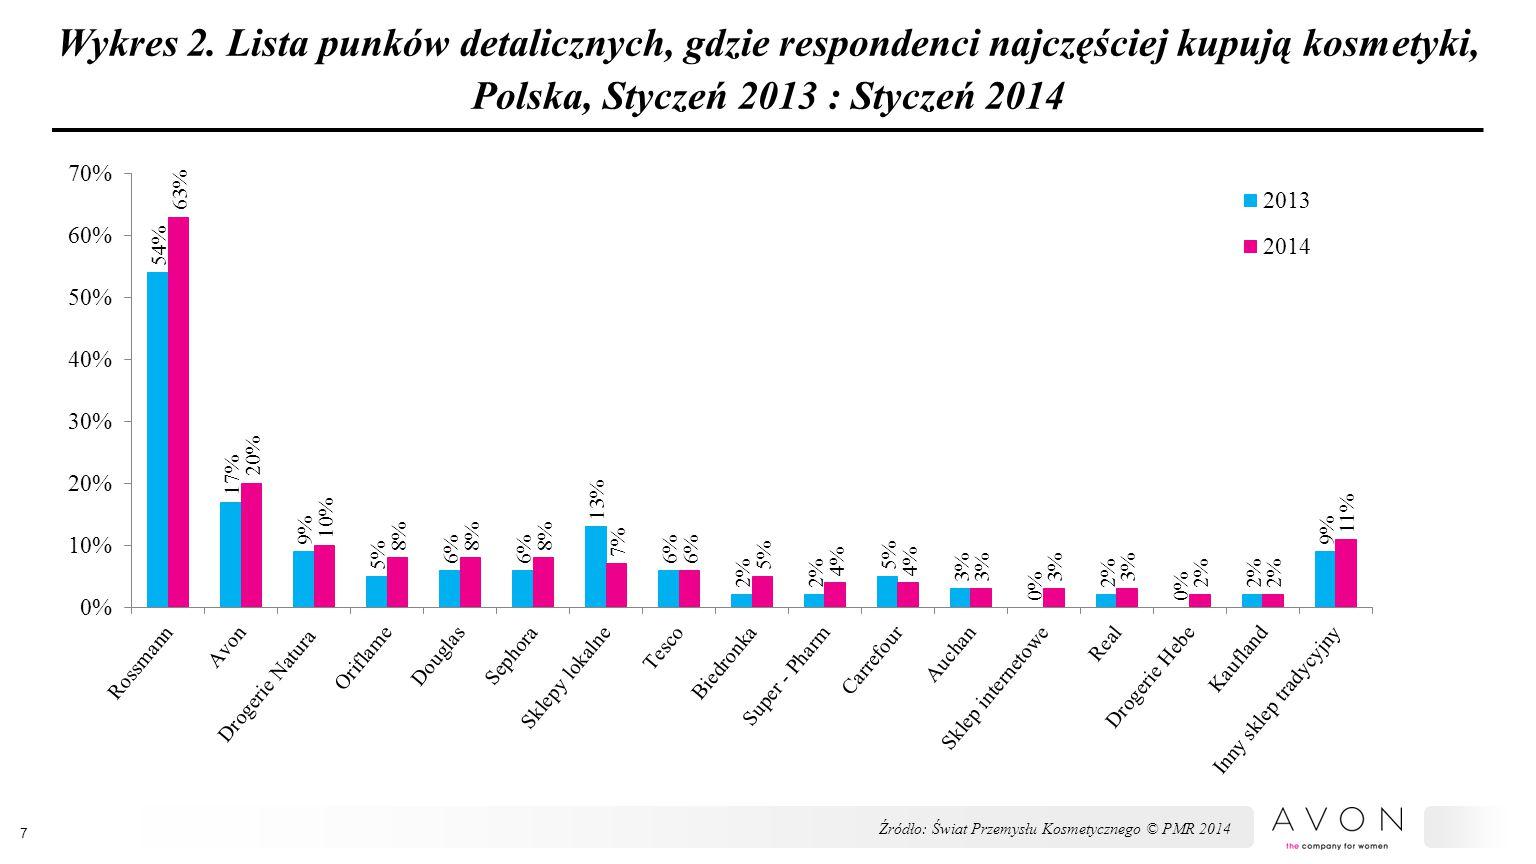 Wykres 2. Lista punków detalicznych, gdzie respondenci najczęściej kupują kosmetyki, Polska, Styczeń 2013 : Styczeń 2014